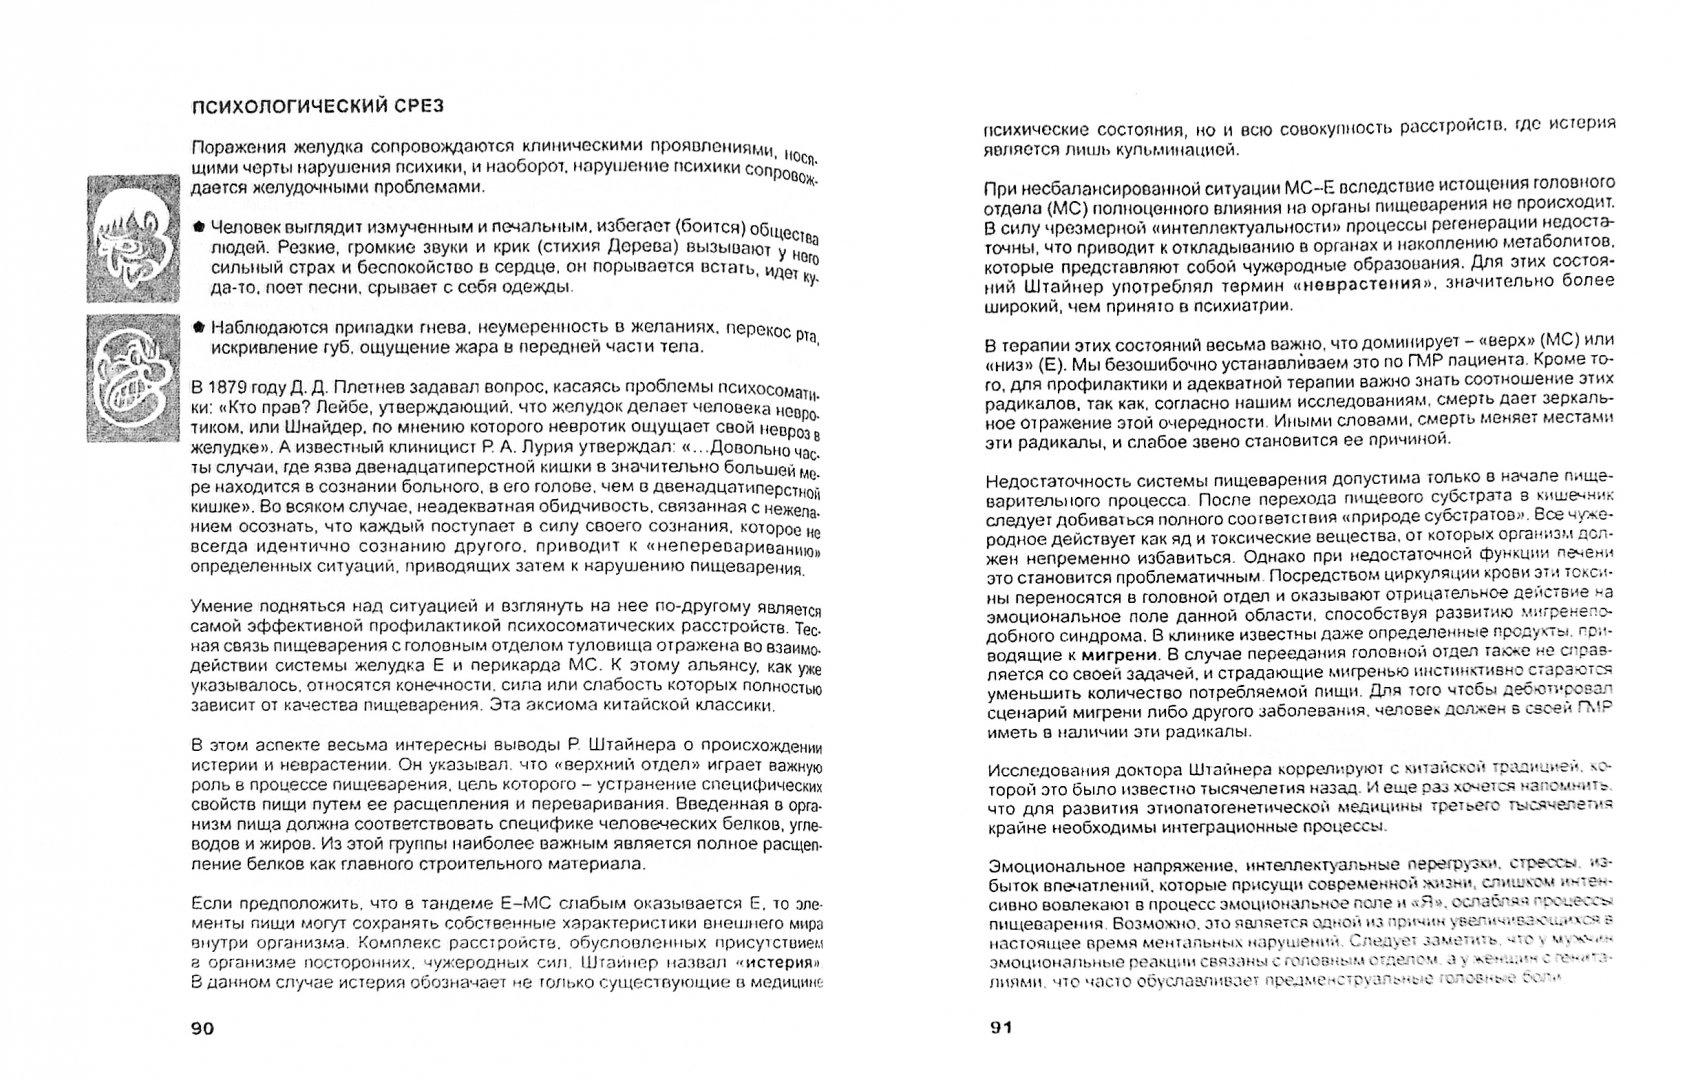 Иллюстрация 1 из 22 для Психосоматика в восточной медицине. Клиника. Акупунктура. Гомеопатия - Эмма Гоникман   Лабиринт - книги. Источник: Лабиринт